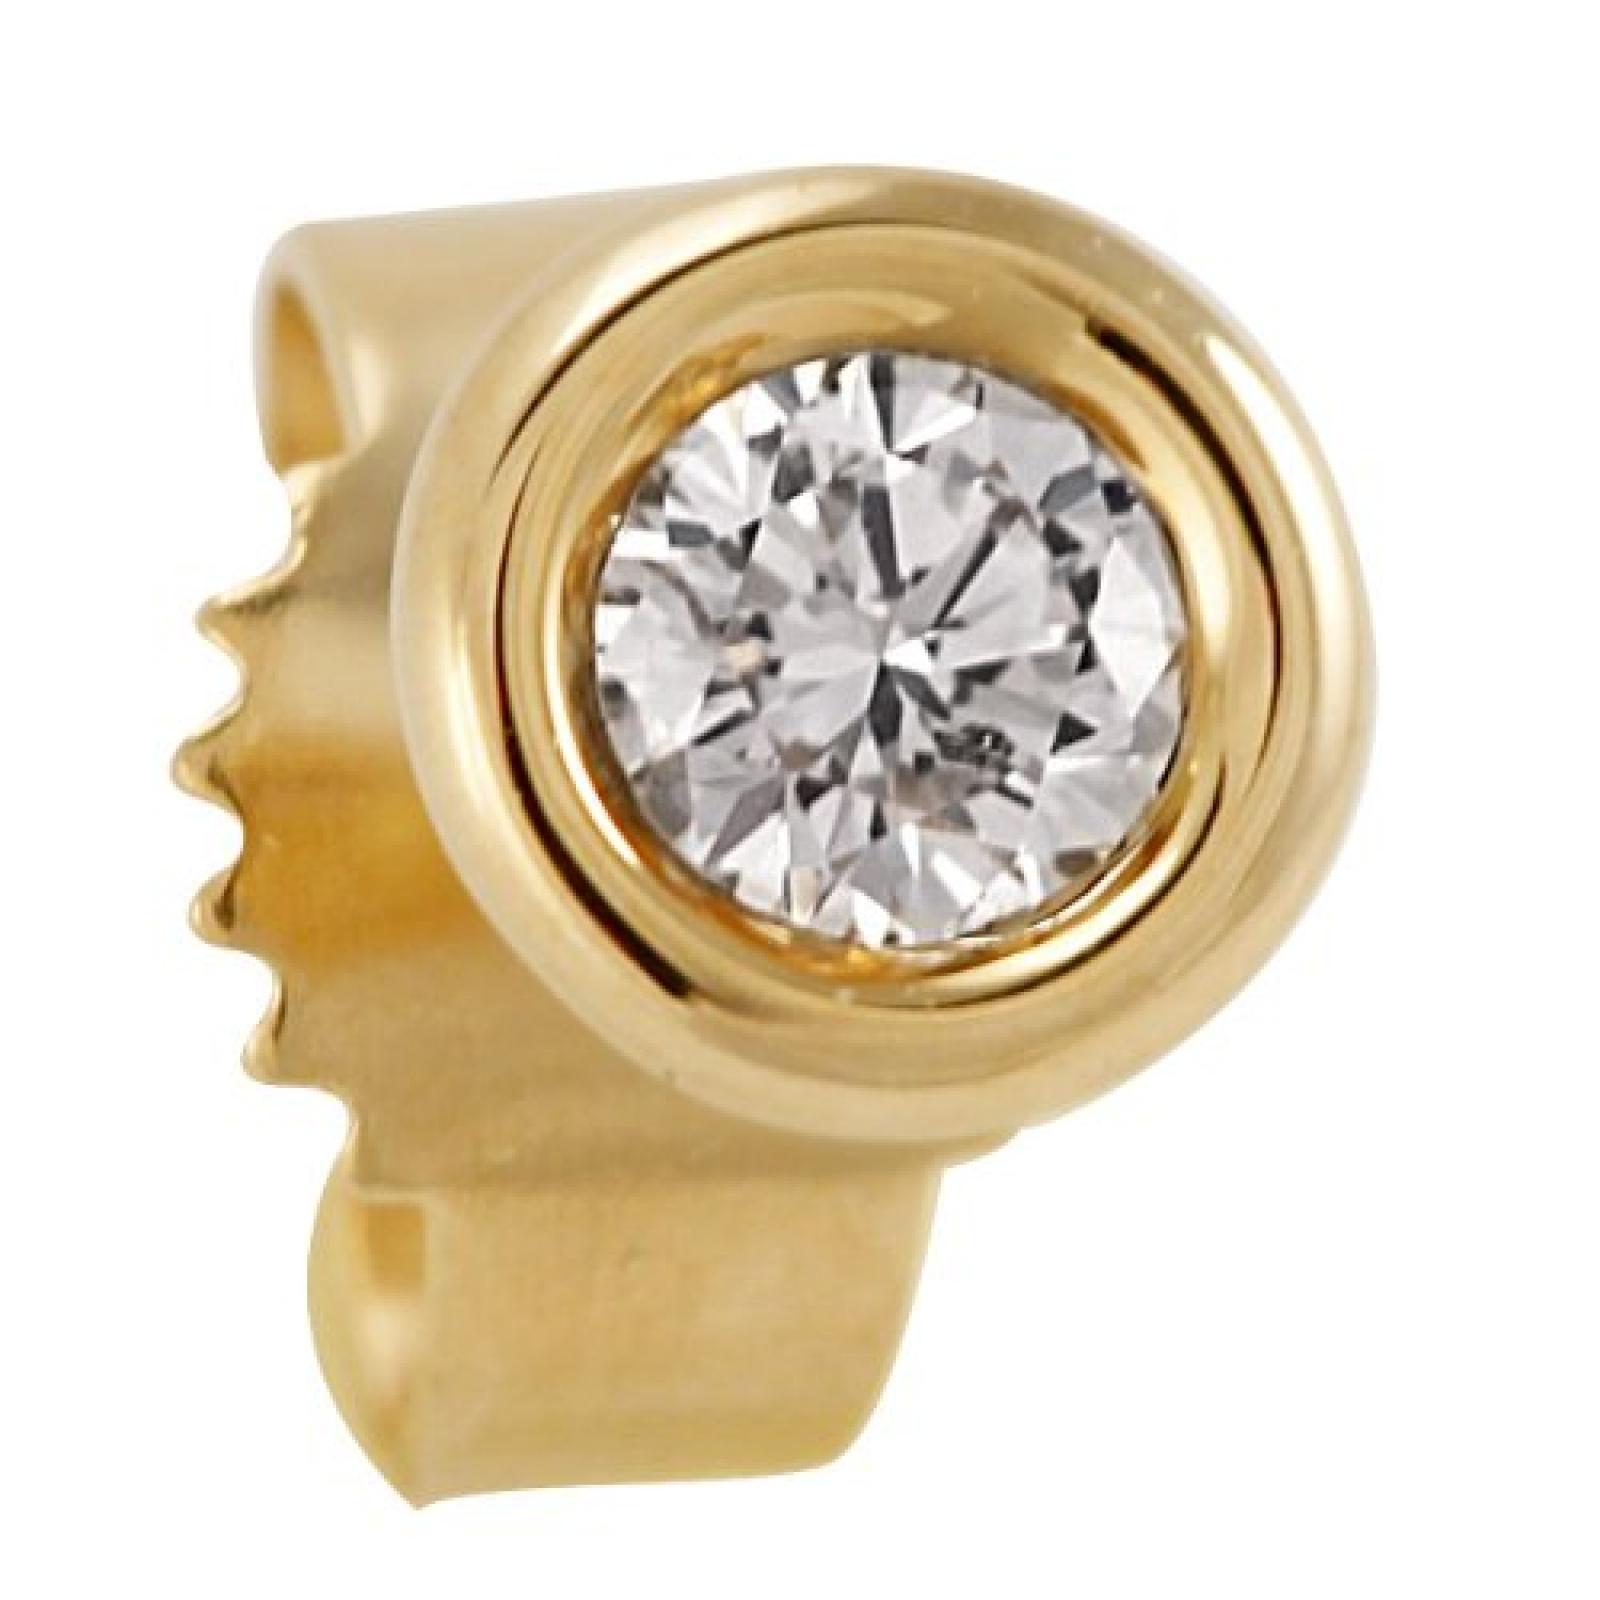 Bella Donna Unisex-Ohrstecker 585 Gelbgold 1 Diamant 0.10ct farblos 5 mm 635579